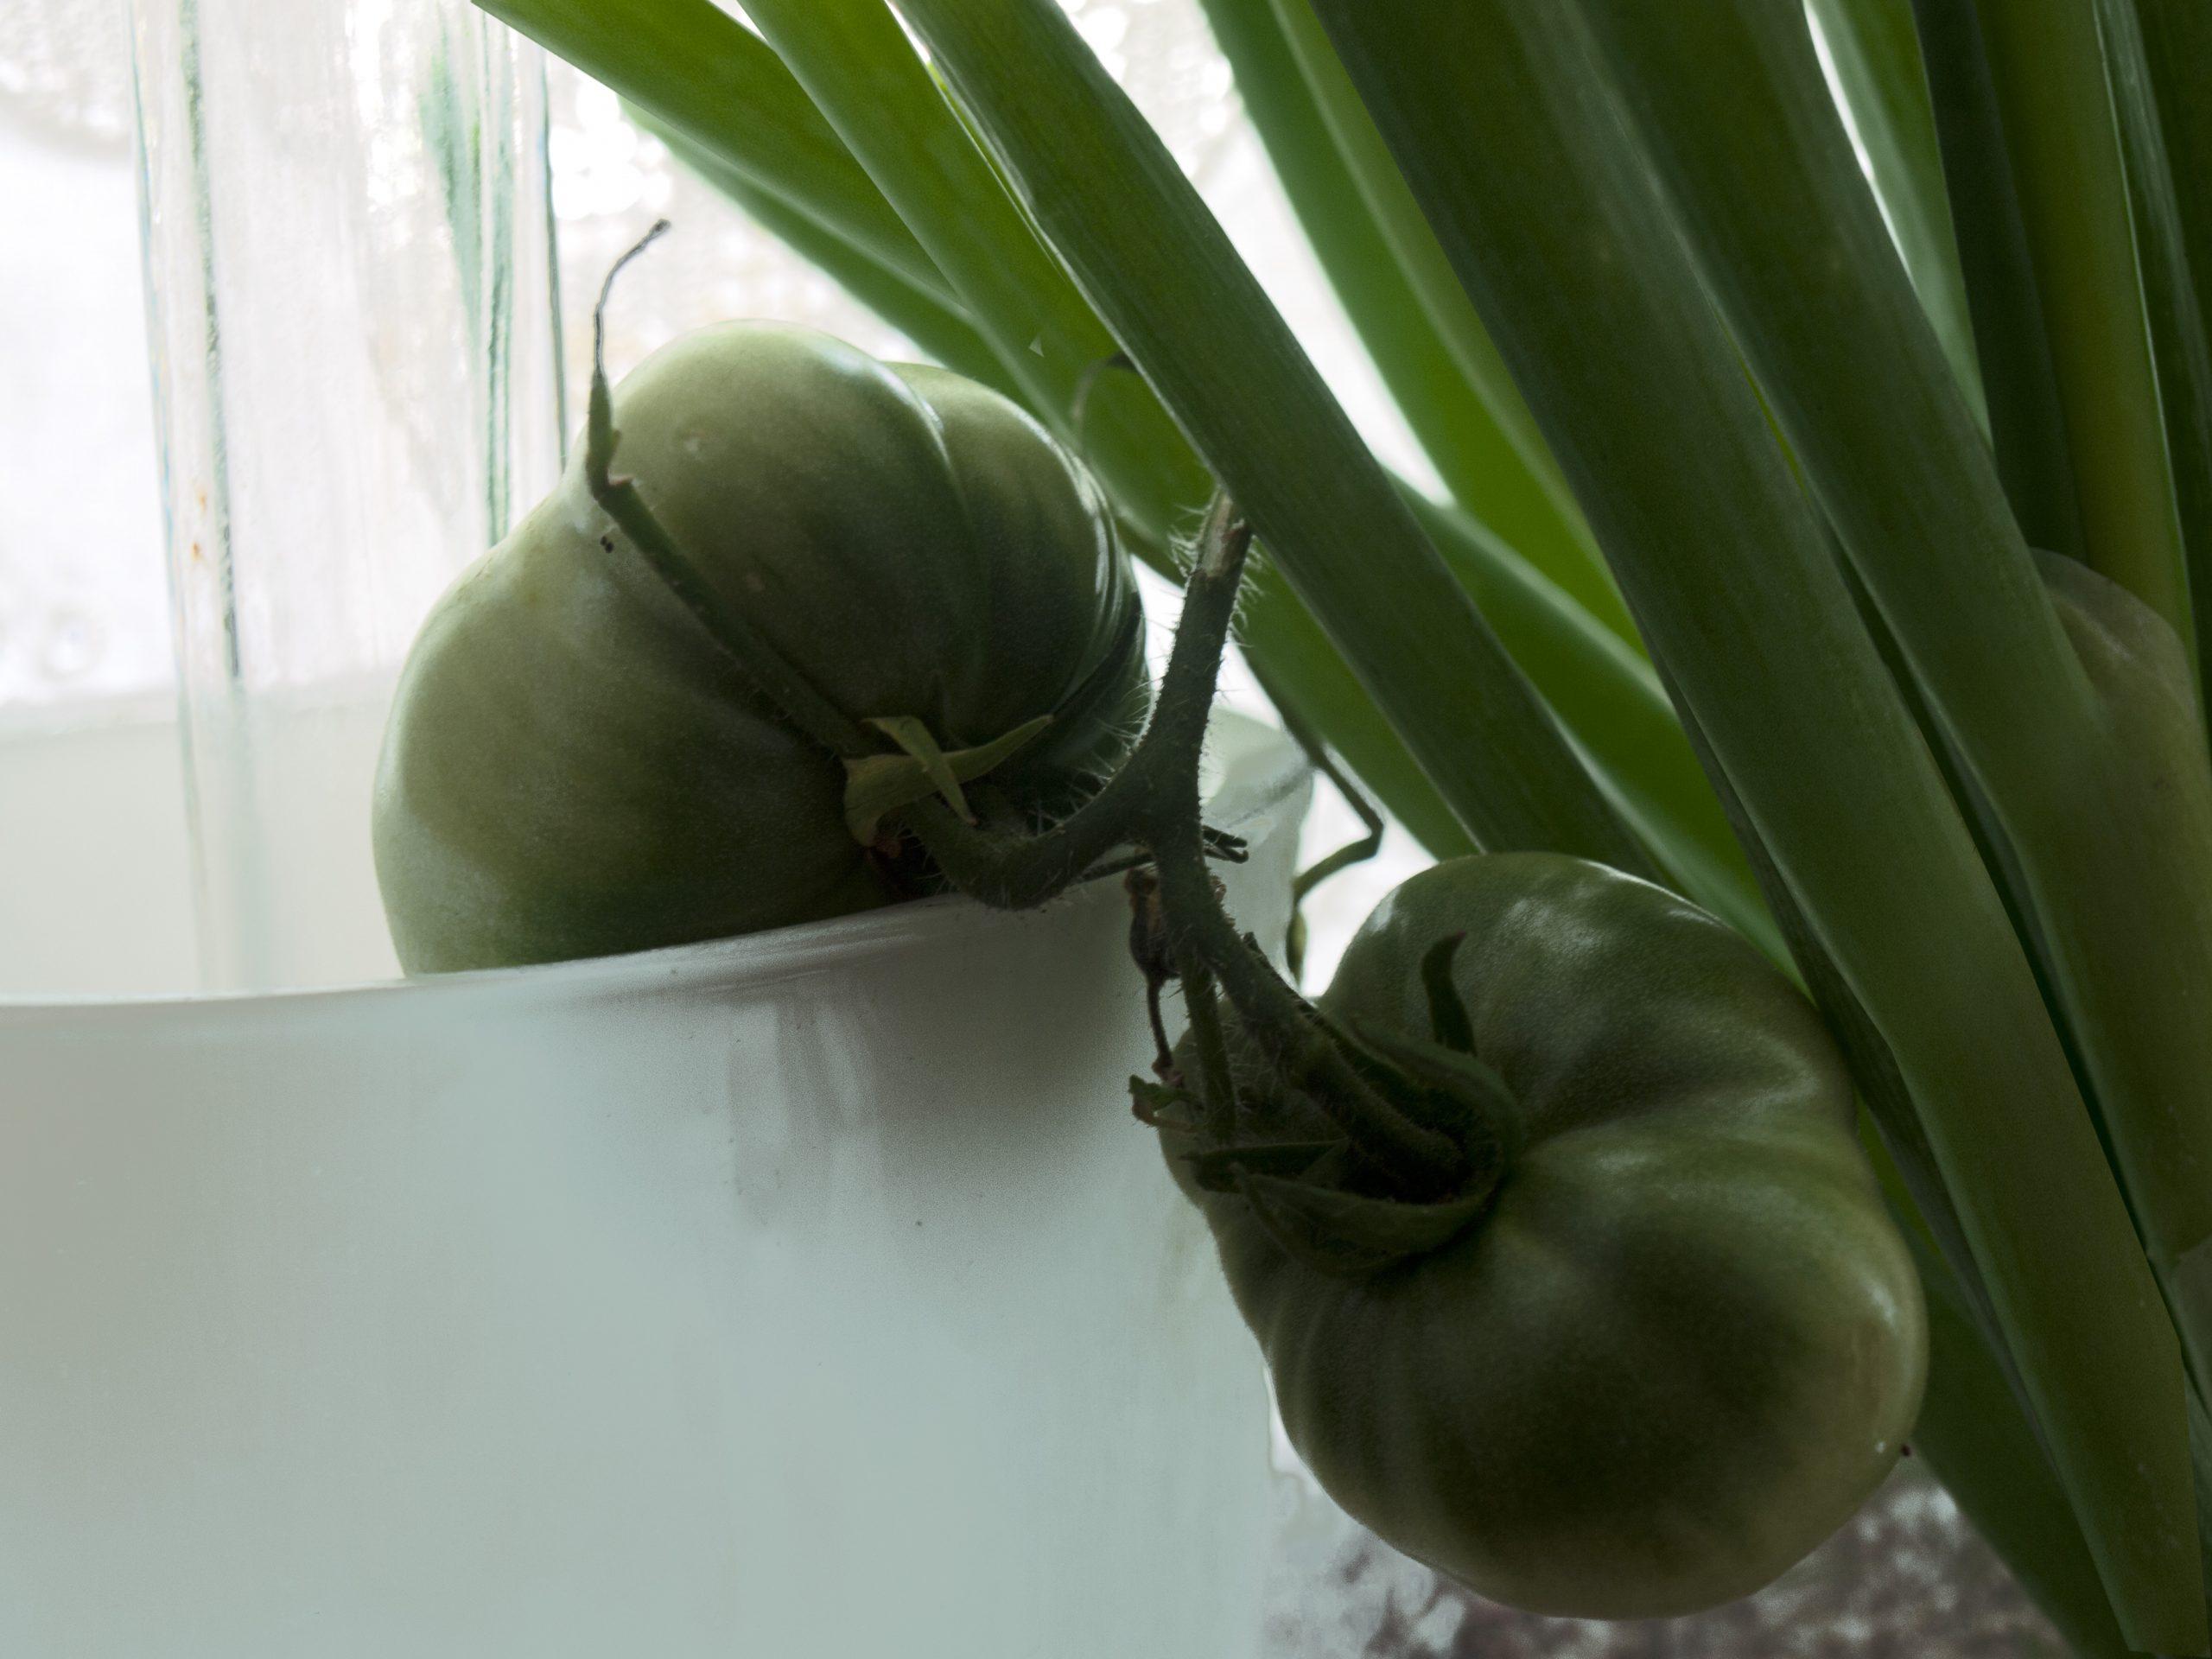 Sinfonie in Grün - Grüne Tomaten neben Frühlingszwiebeln